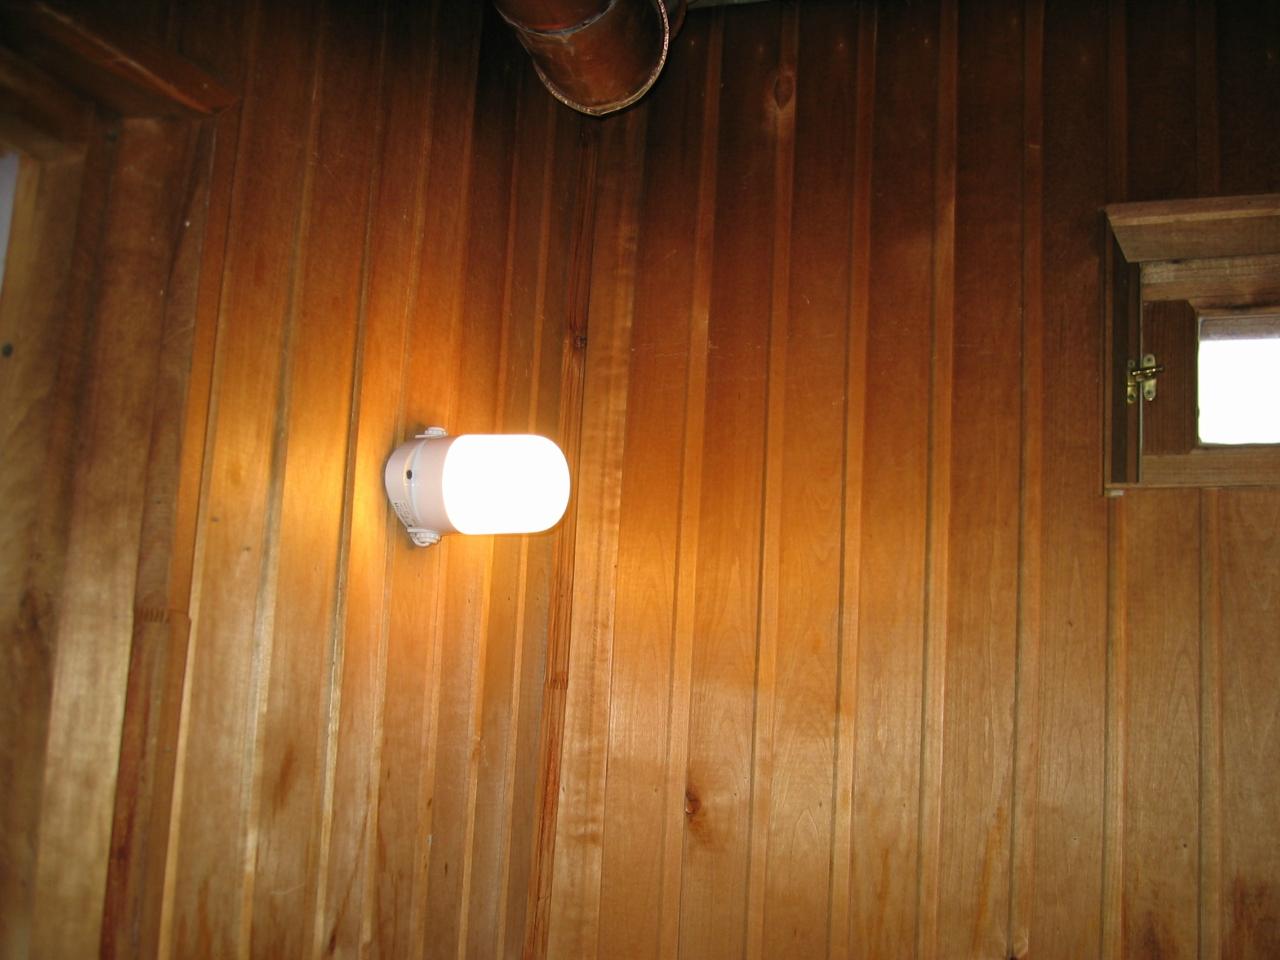 Деревянный дом. Монтаж в кабель-канале. Термостойкий светильник в сауне.